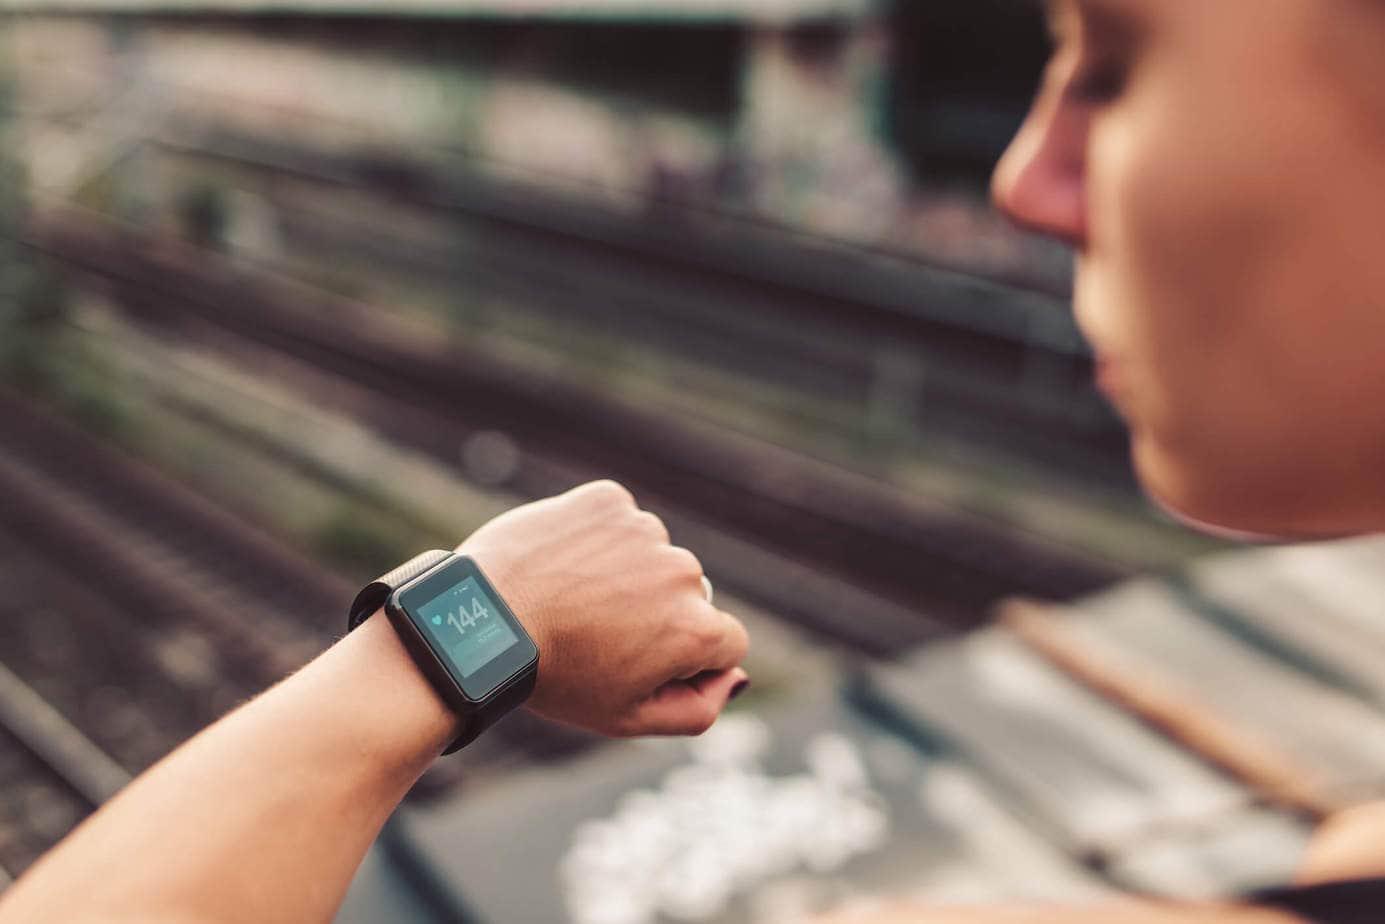 Kobieta sprawdzająca godzinę na smartwatchu